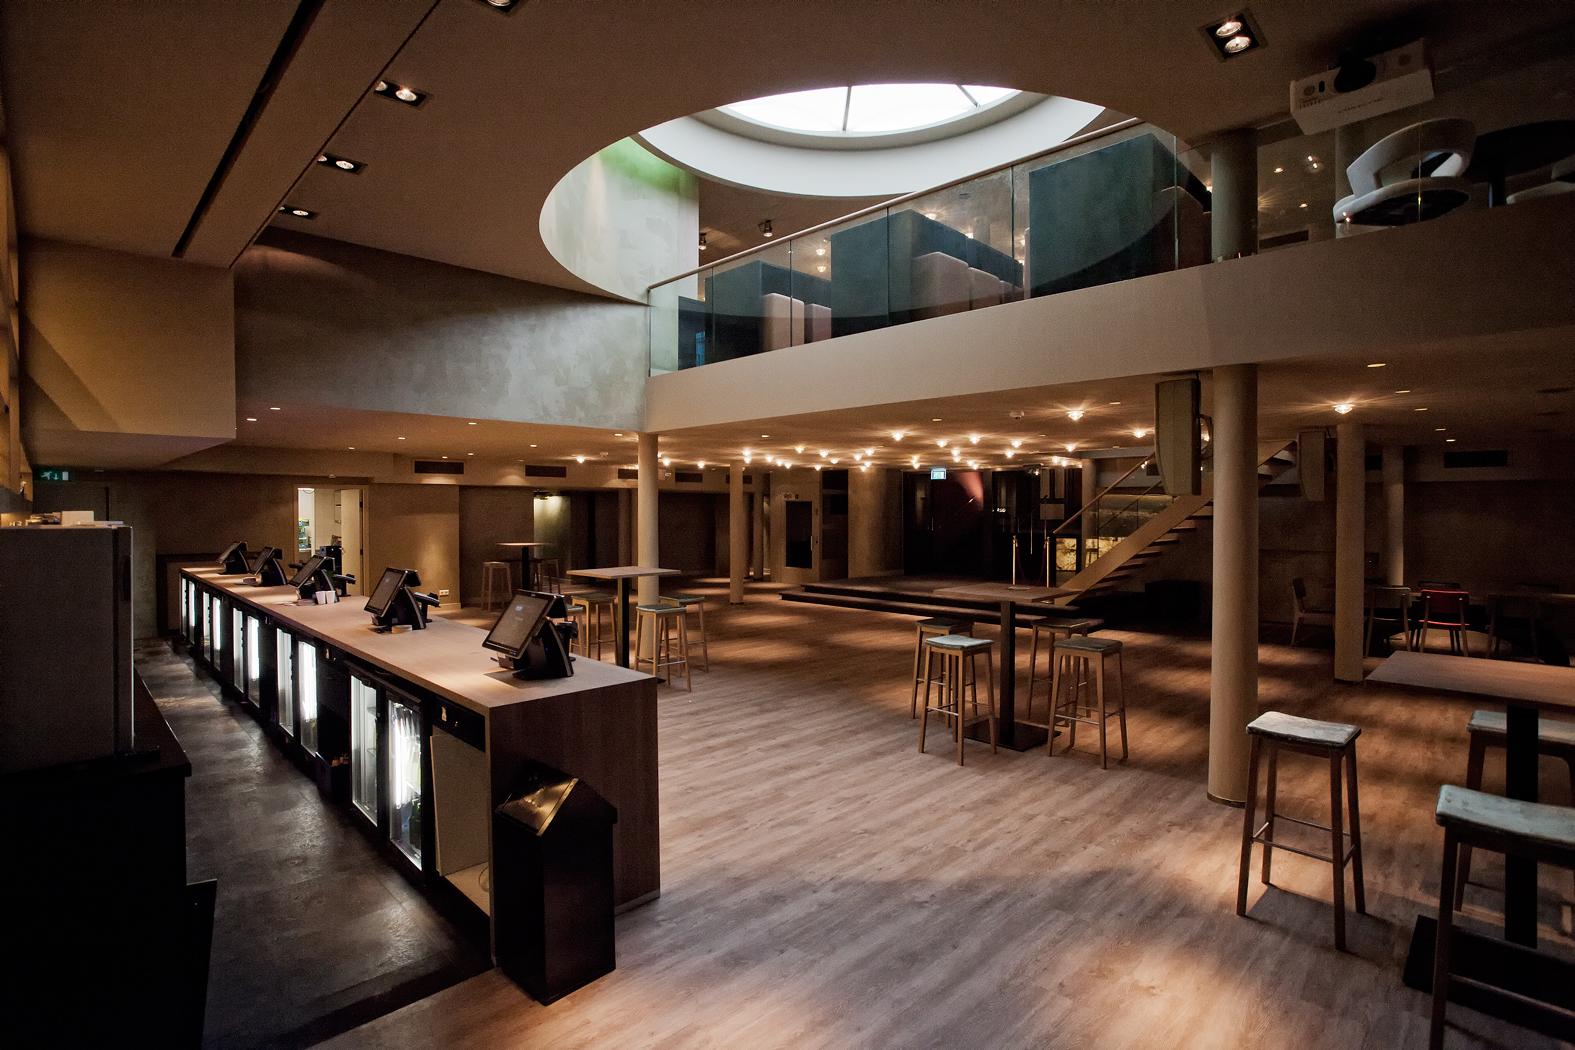 foyers koninklijk theater carr in nieuw jasje gestoken. Black Bedroom Furniture Sets. Home Design Ideas